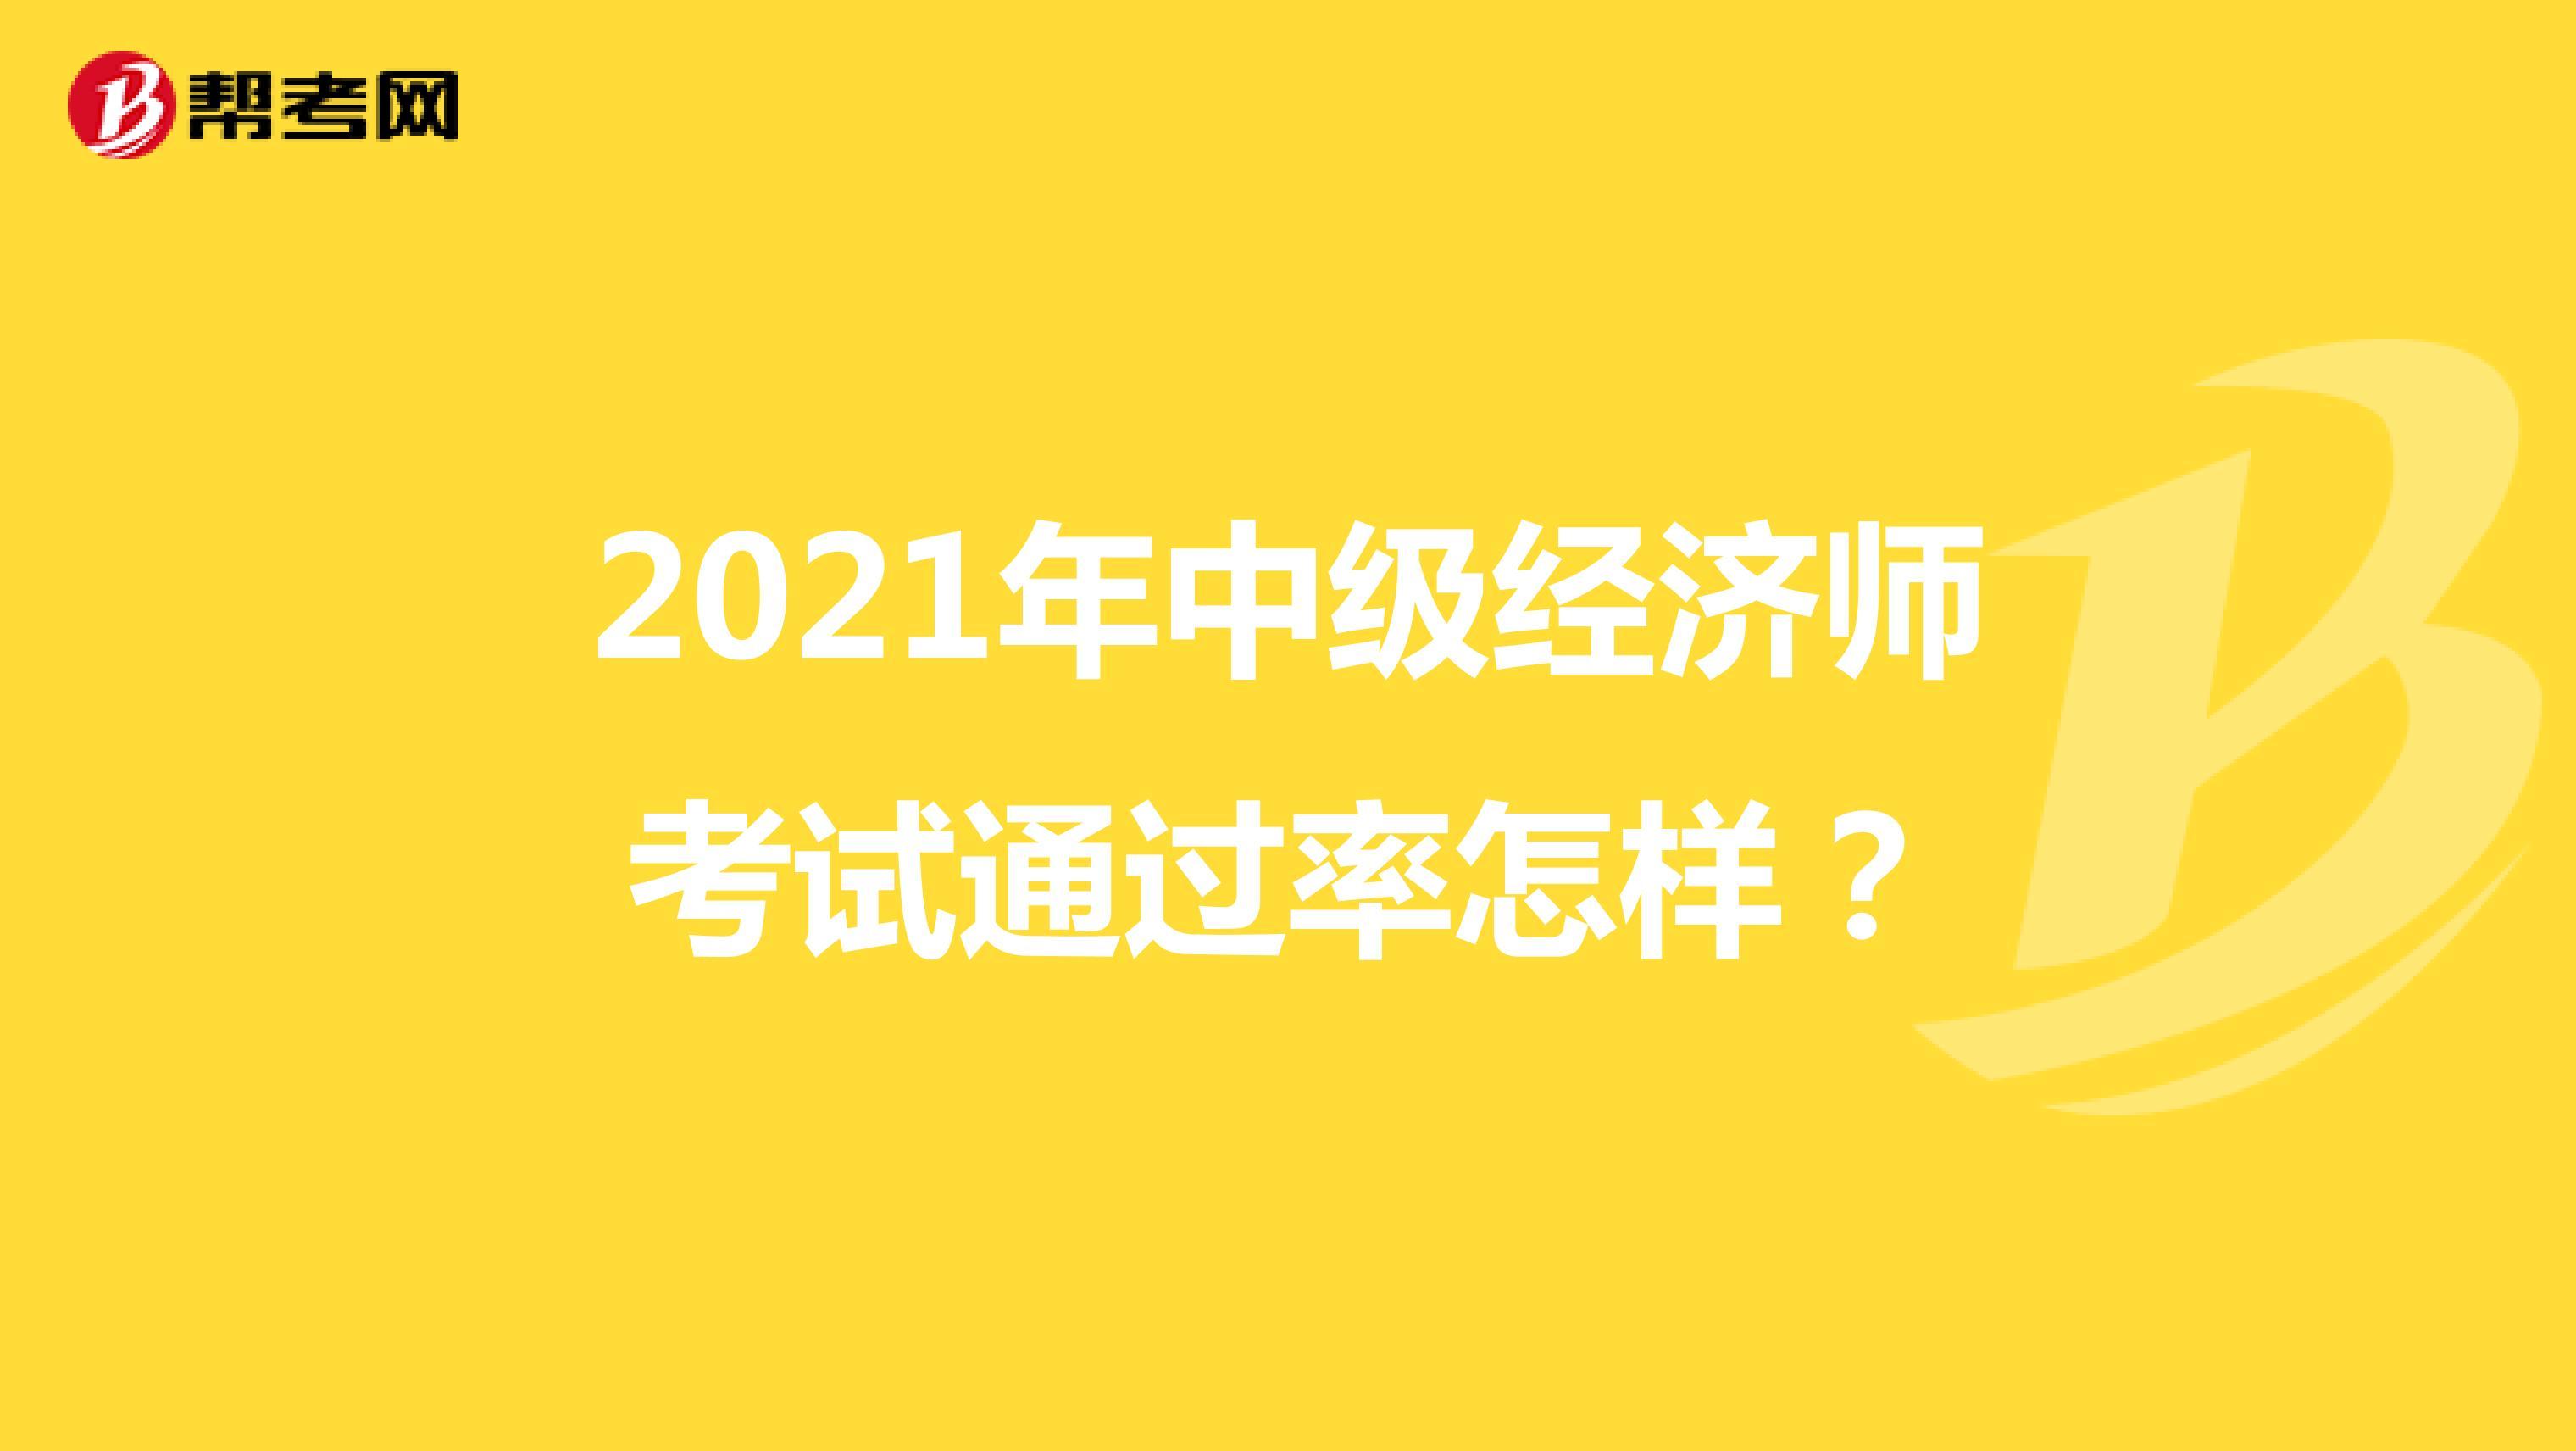 2021年中级经济师考试通过率怎样?